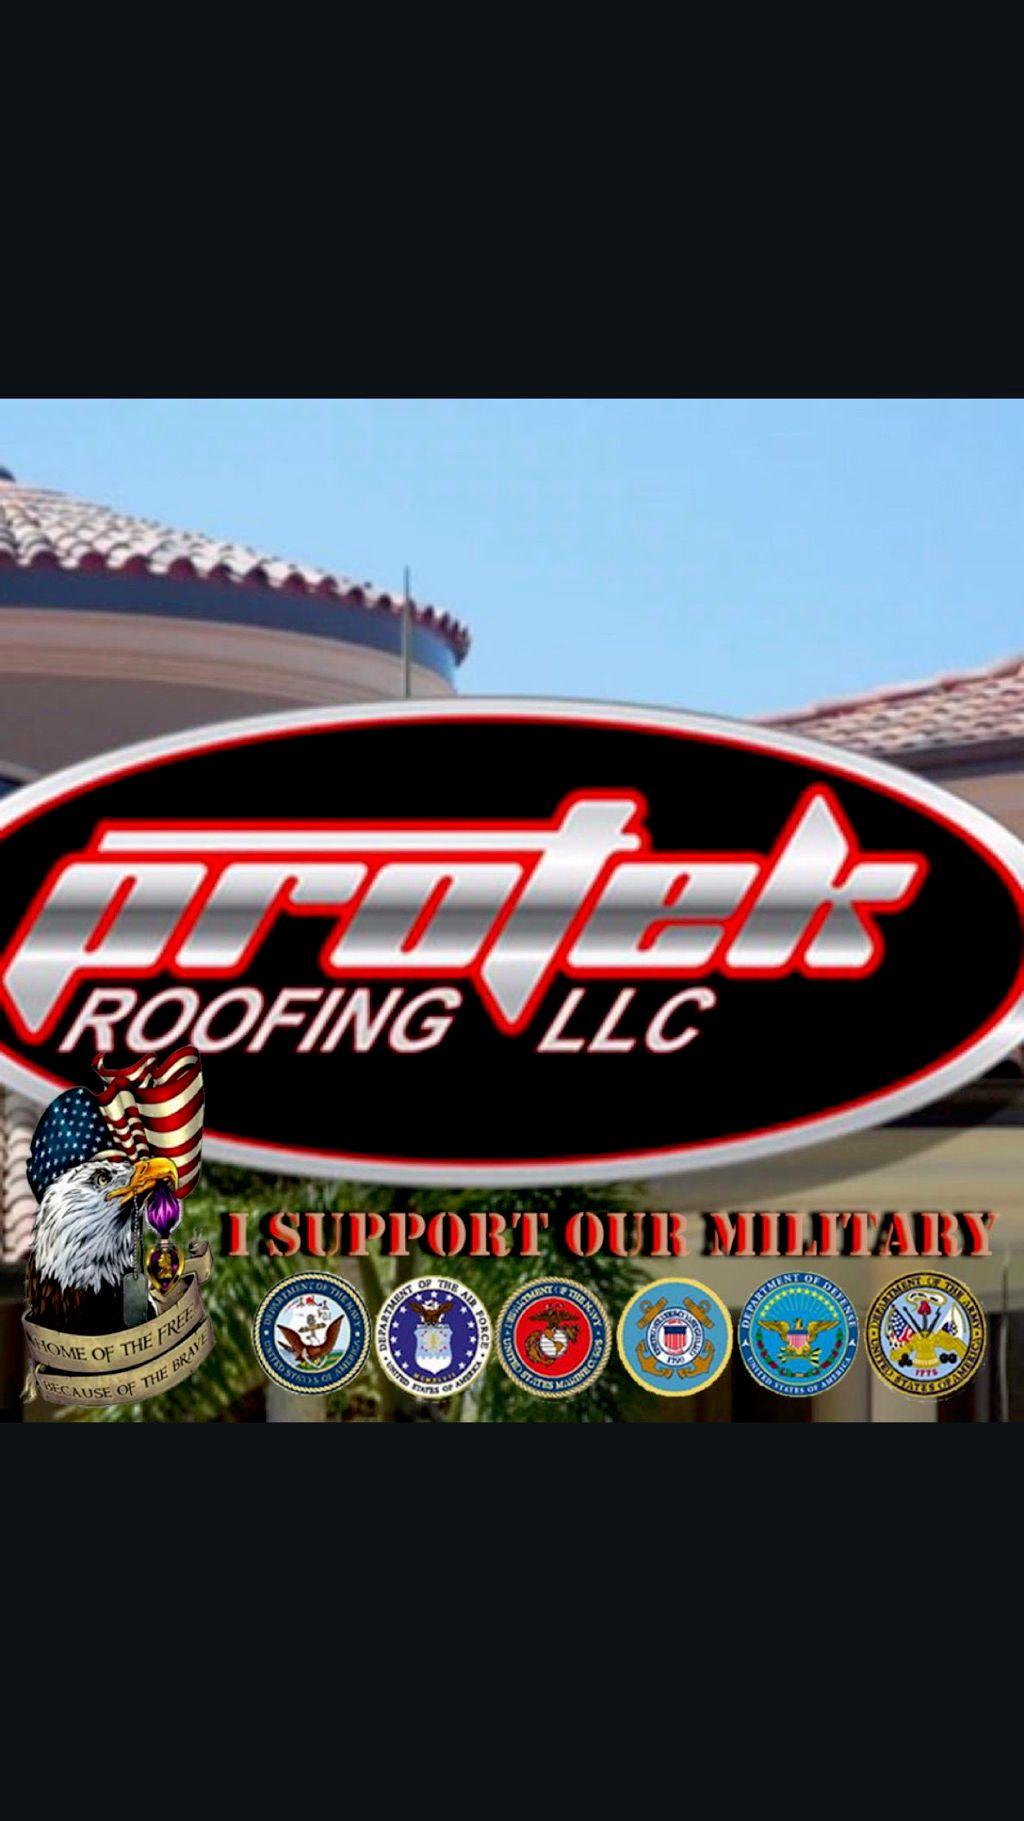 Protek Roofing LLC